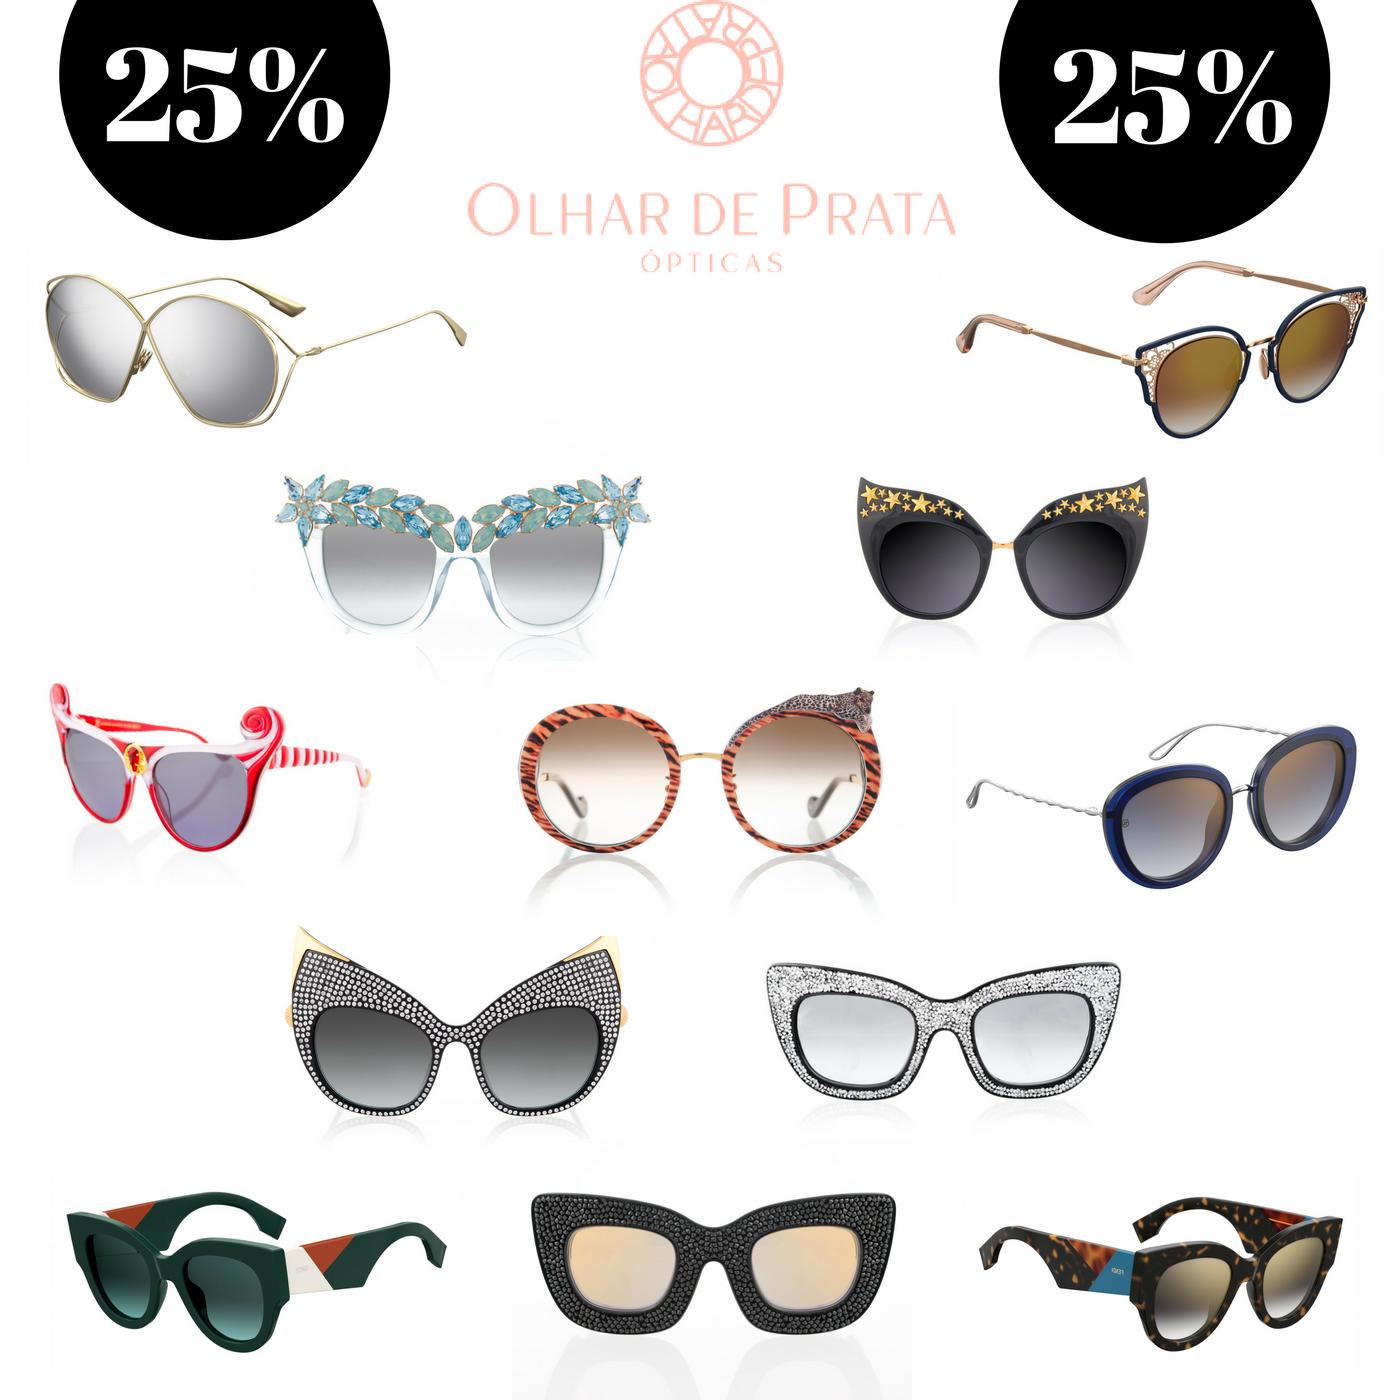 ffedf796216f3 A Olhar de Prata (que acaba de abrir mais uma loja lindaaaaa, agora na  Avenida da Liberdade) vai estar com 25% de desconto em TODAS as marcas de  óculos de ...